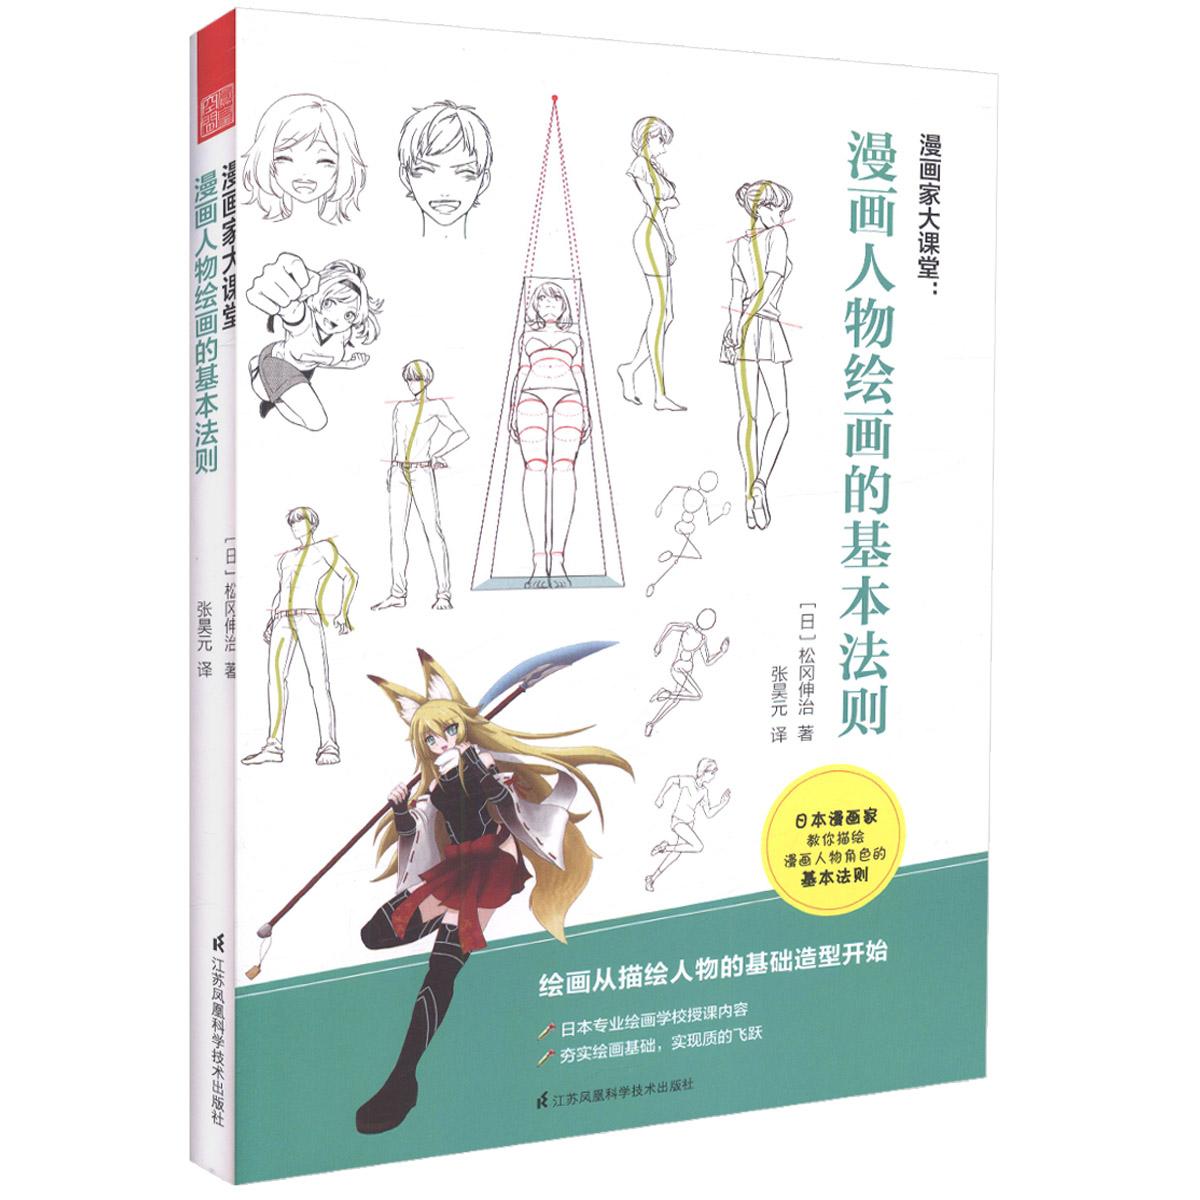 หนังสือสอนหลักการวาดการ์ตูนพื้นฐานทั่วไป The basic rules of painting cartoon characters